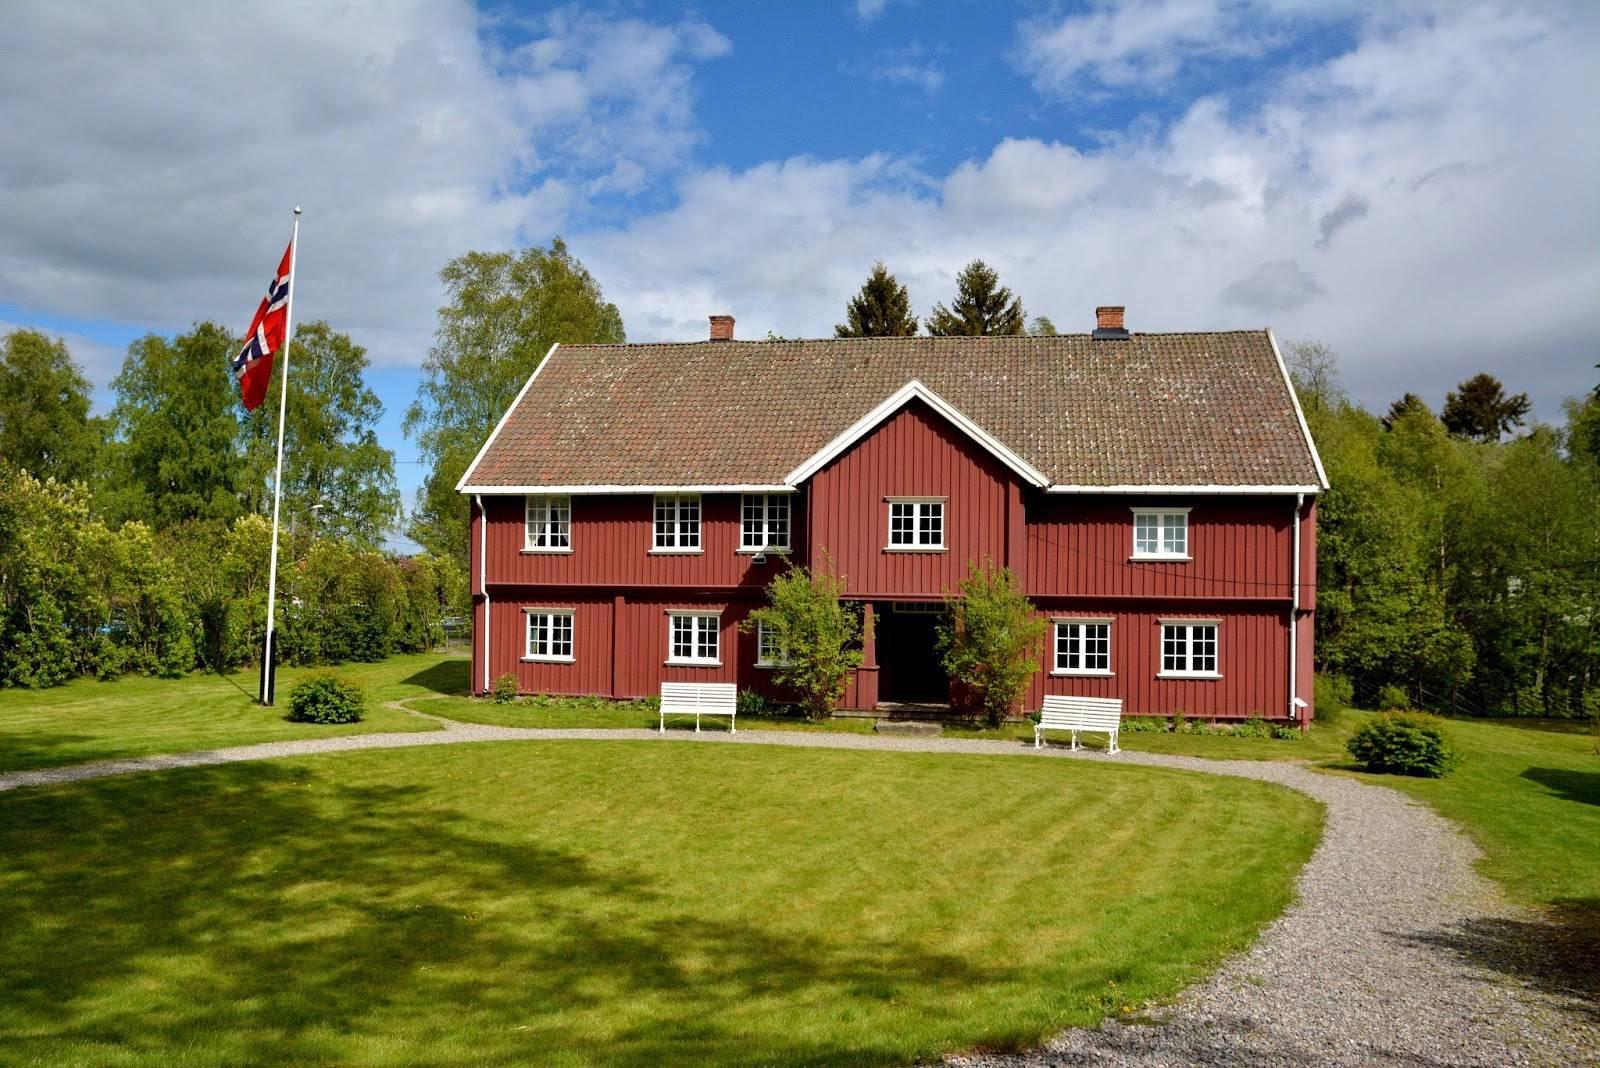 0-Narvestadbygningen_2.jpg